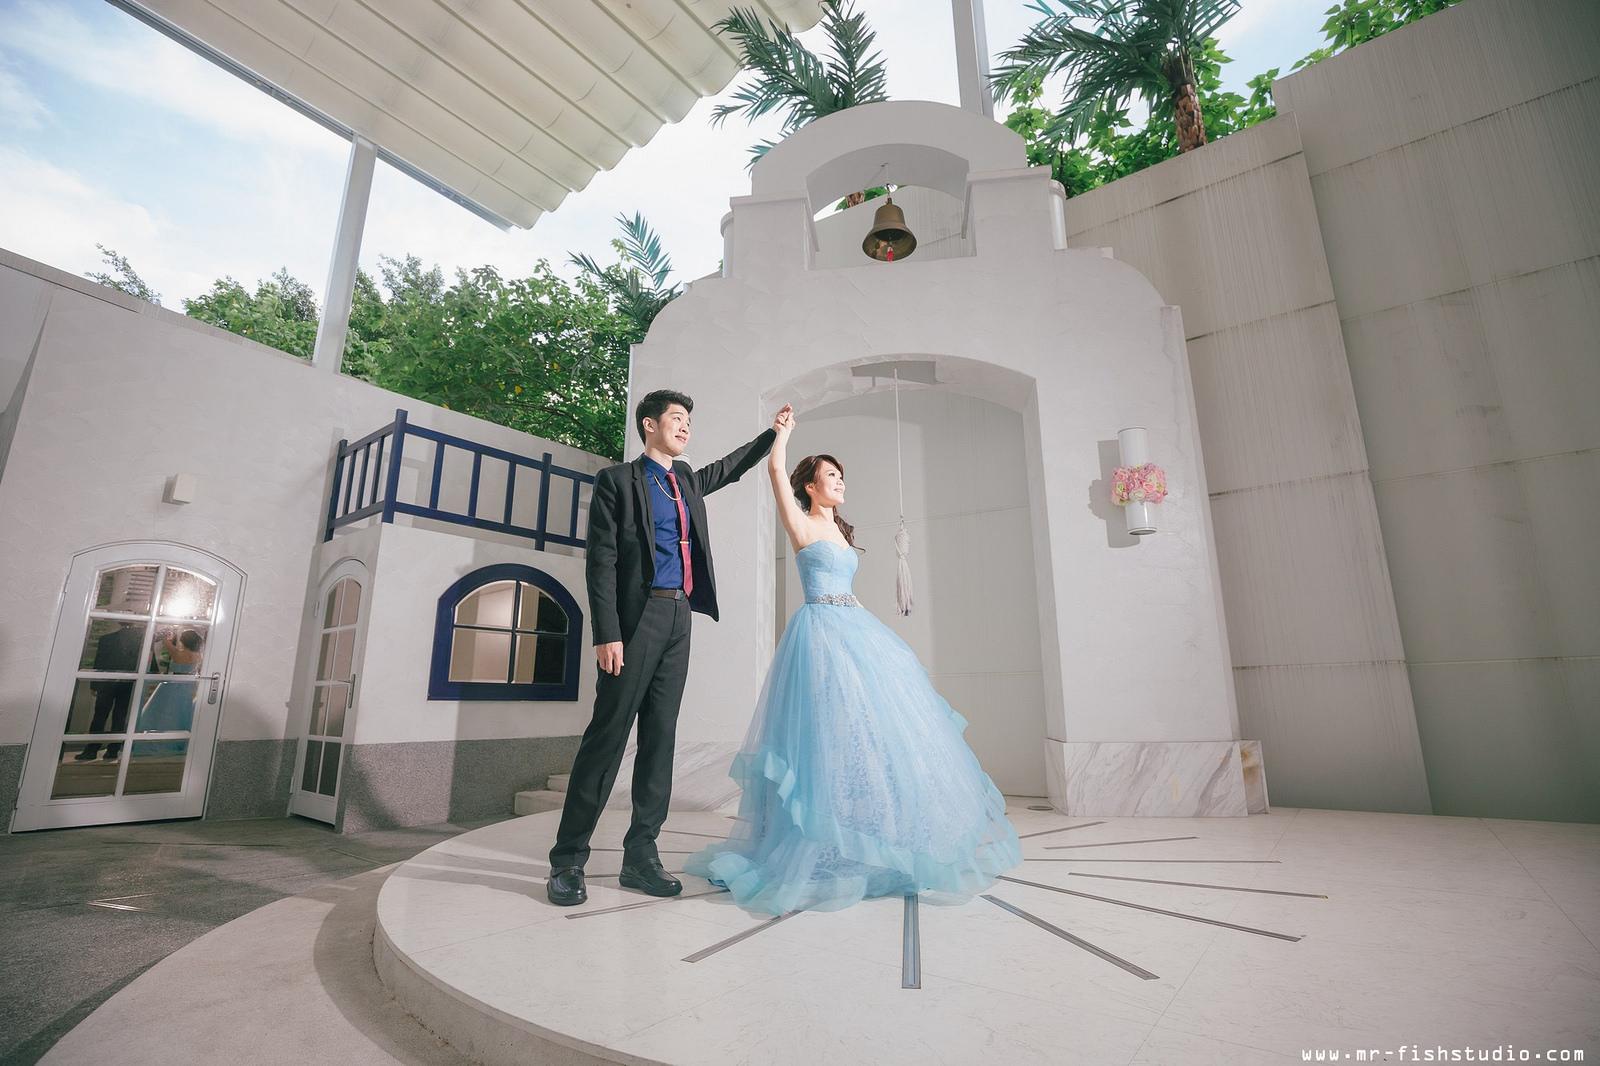 【Wedding】Anna+Austin精選